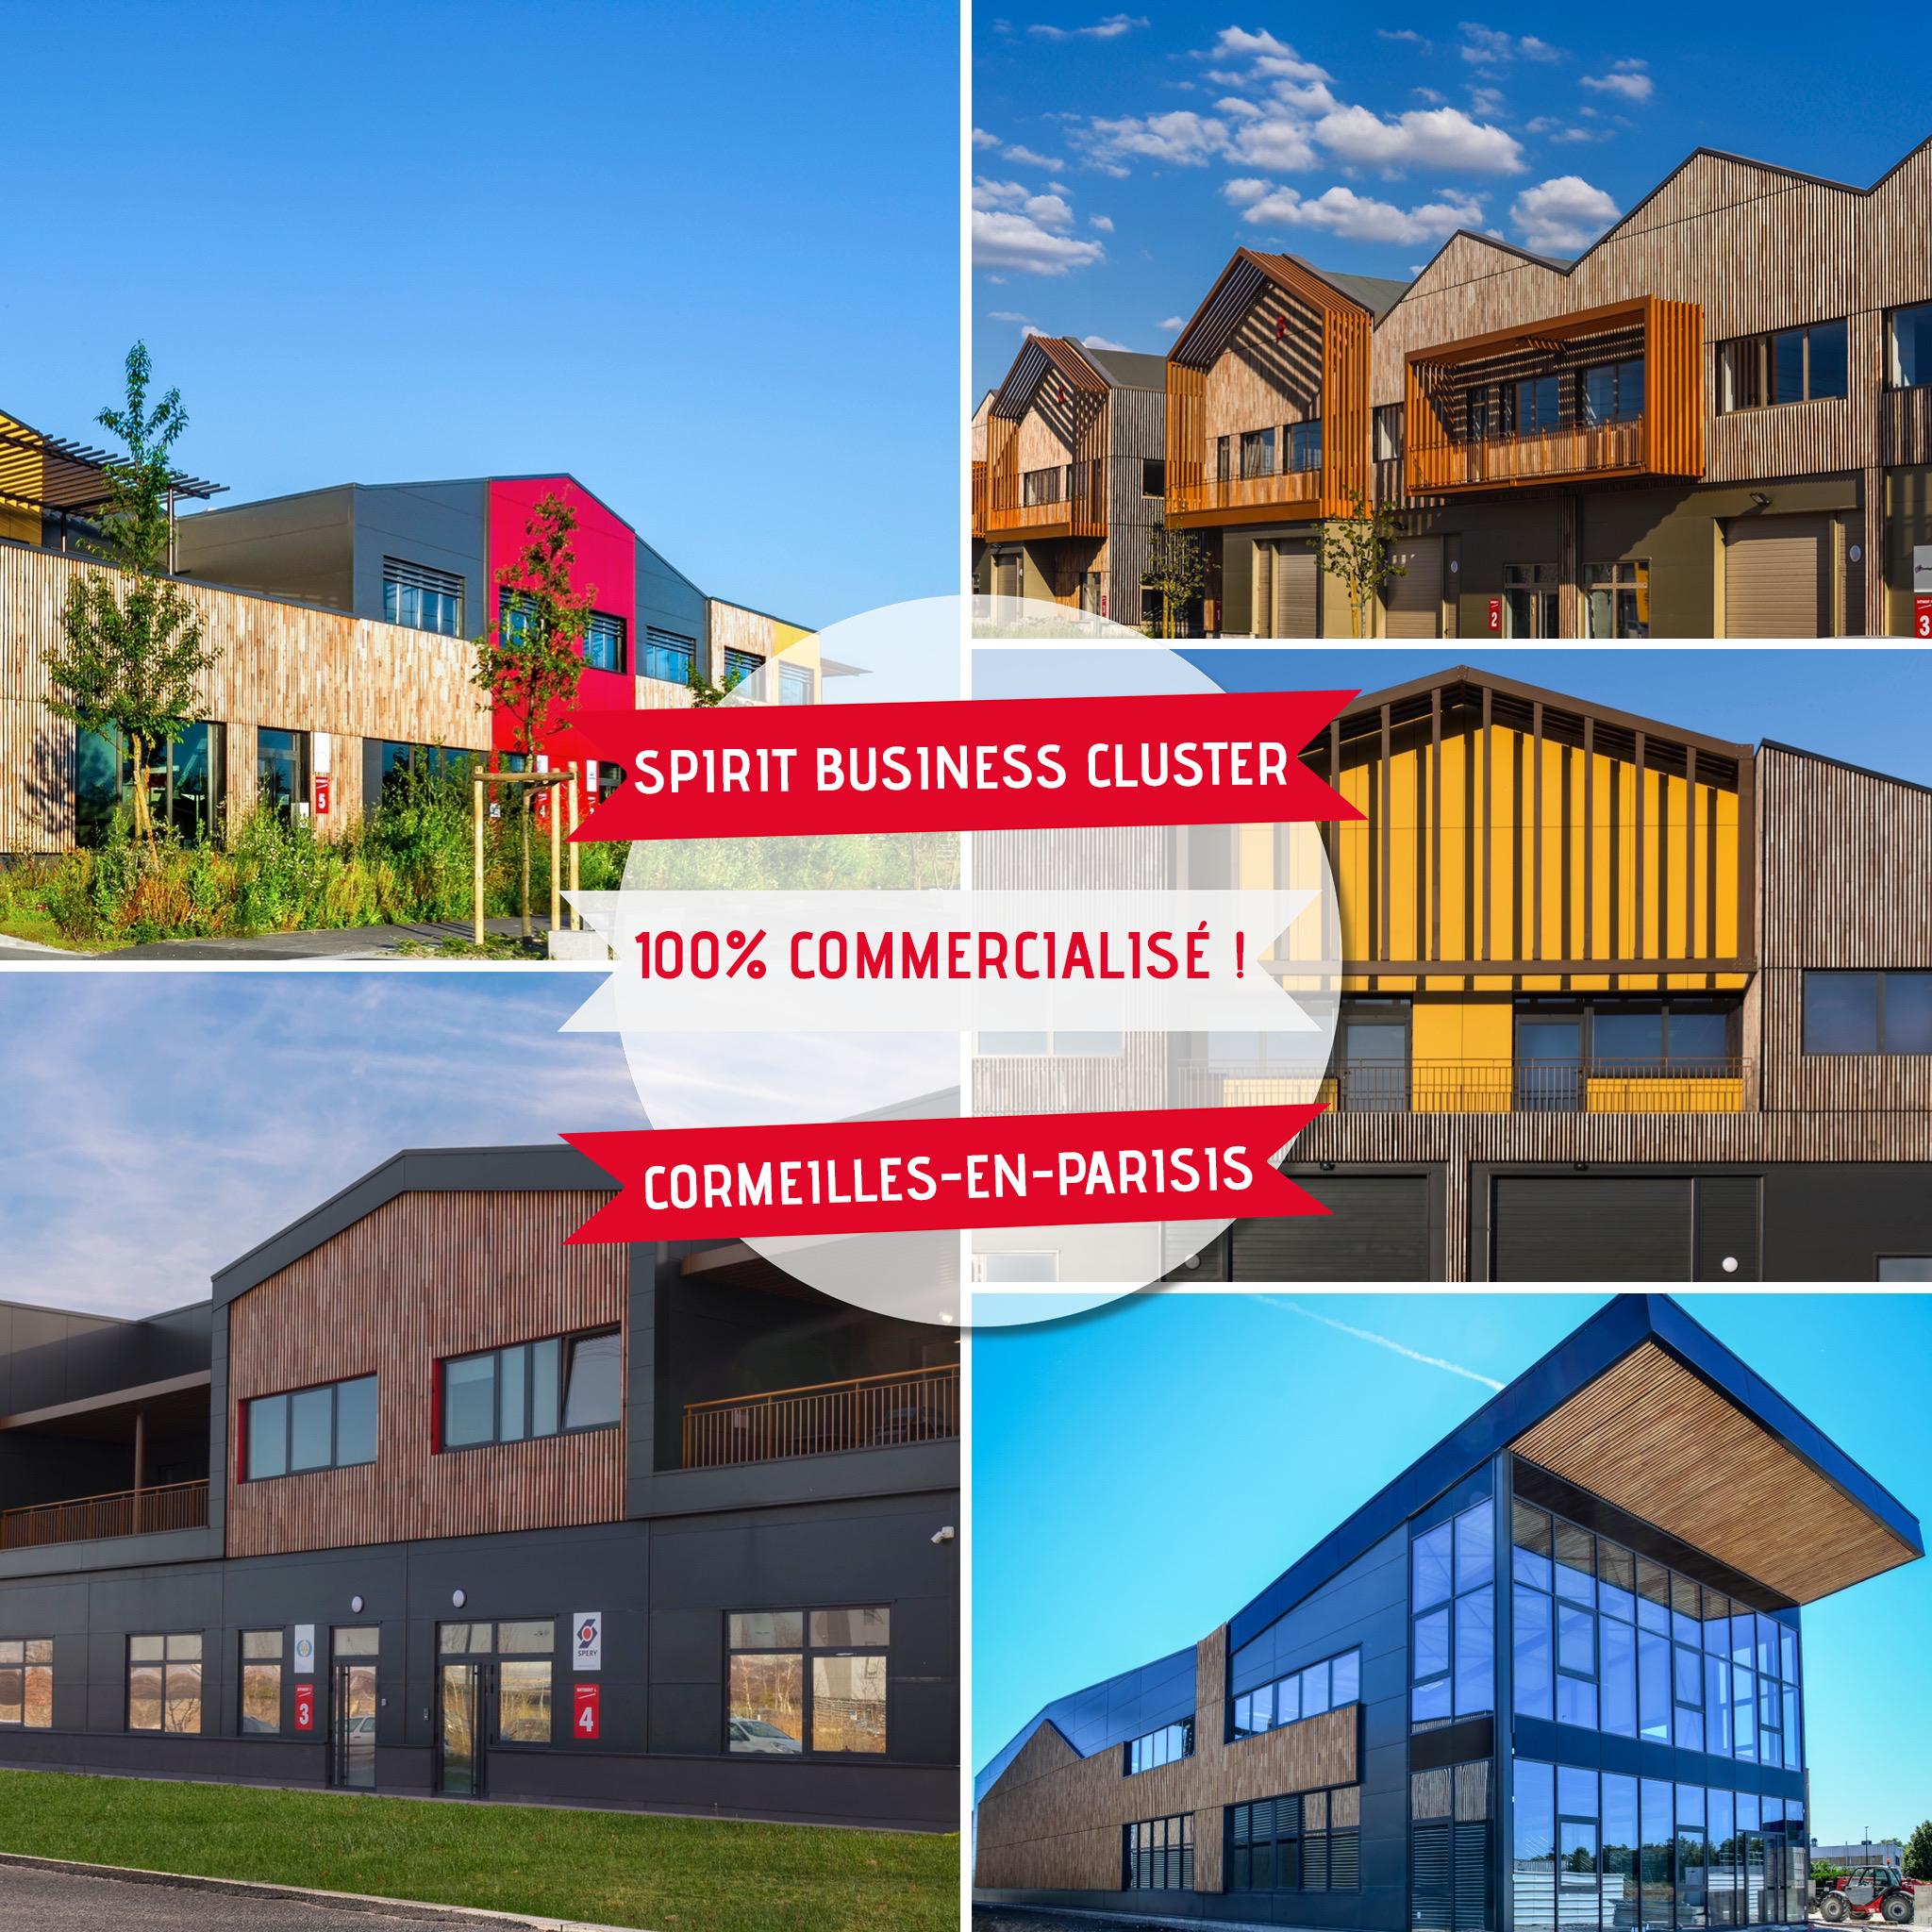 Commercialisation Cormeilles-en-Parisis